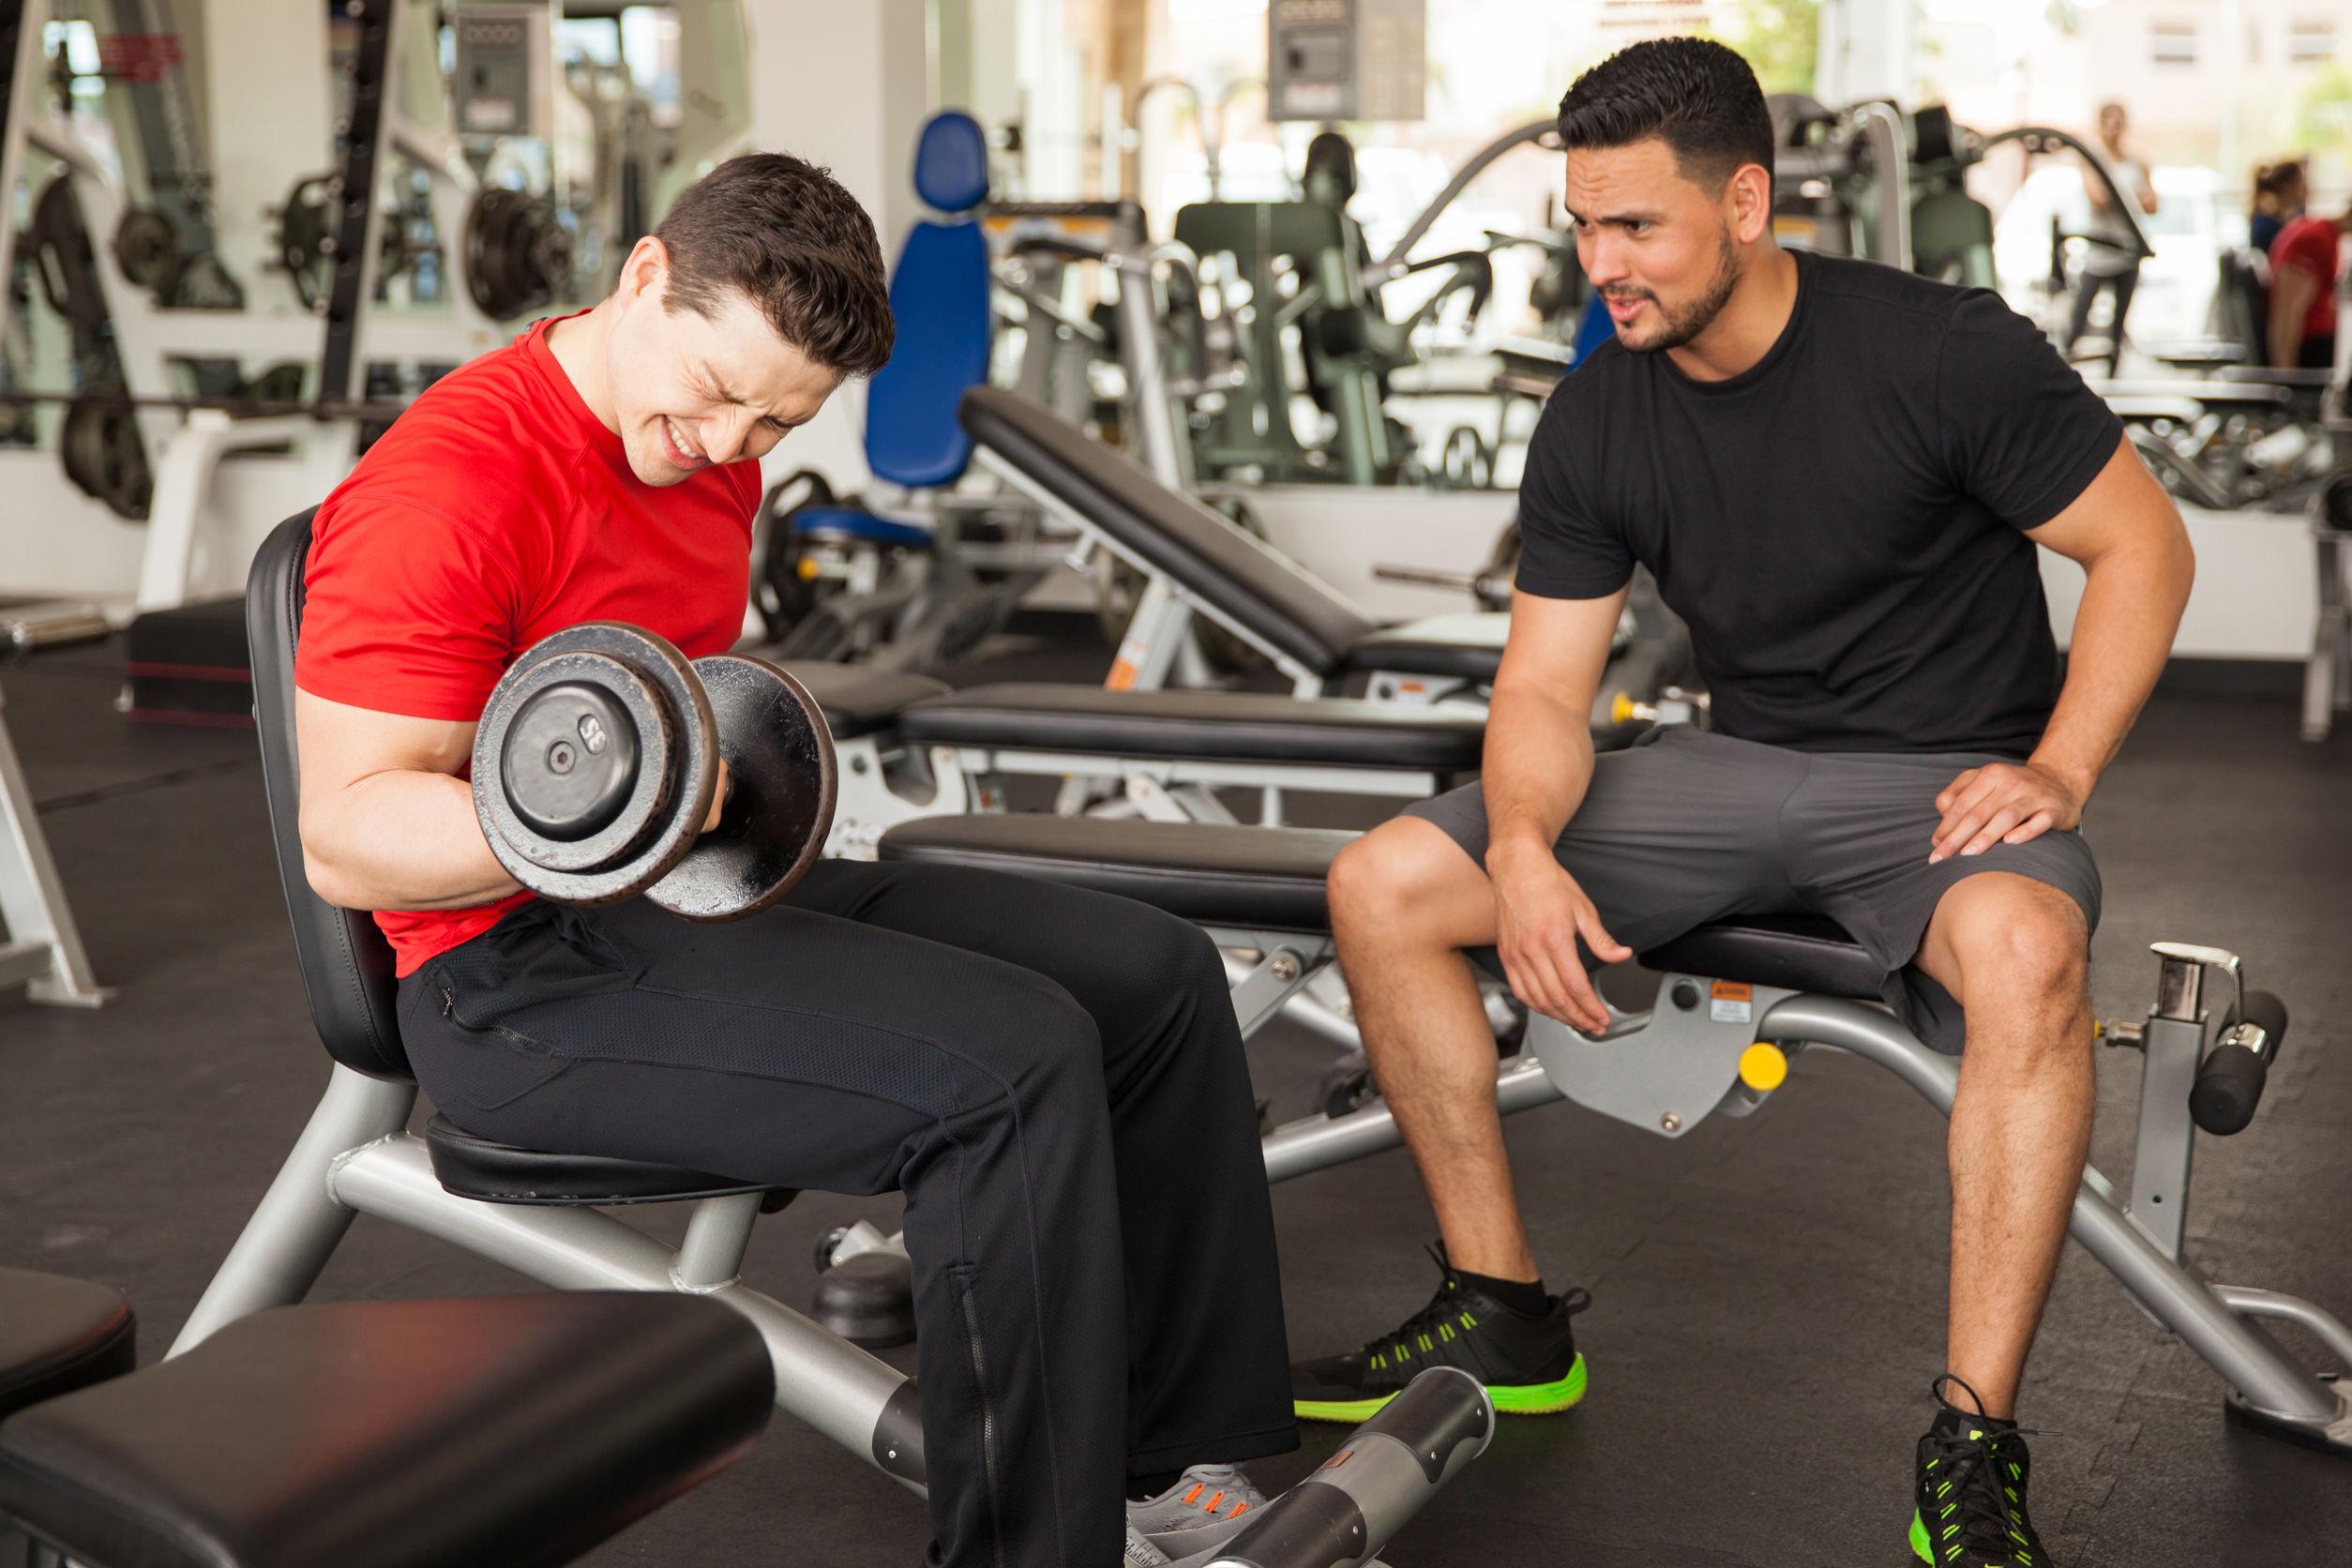 Joven alenta y anima a su amigo mientras levanta pesas en el gimnasio